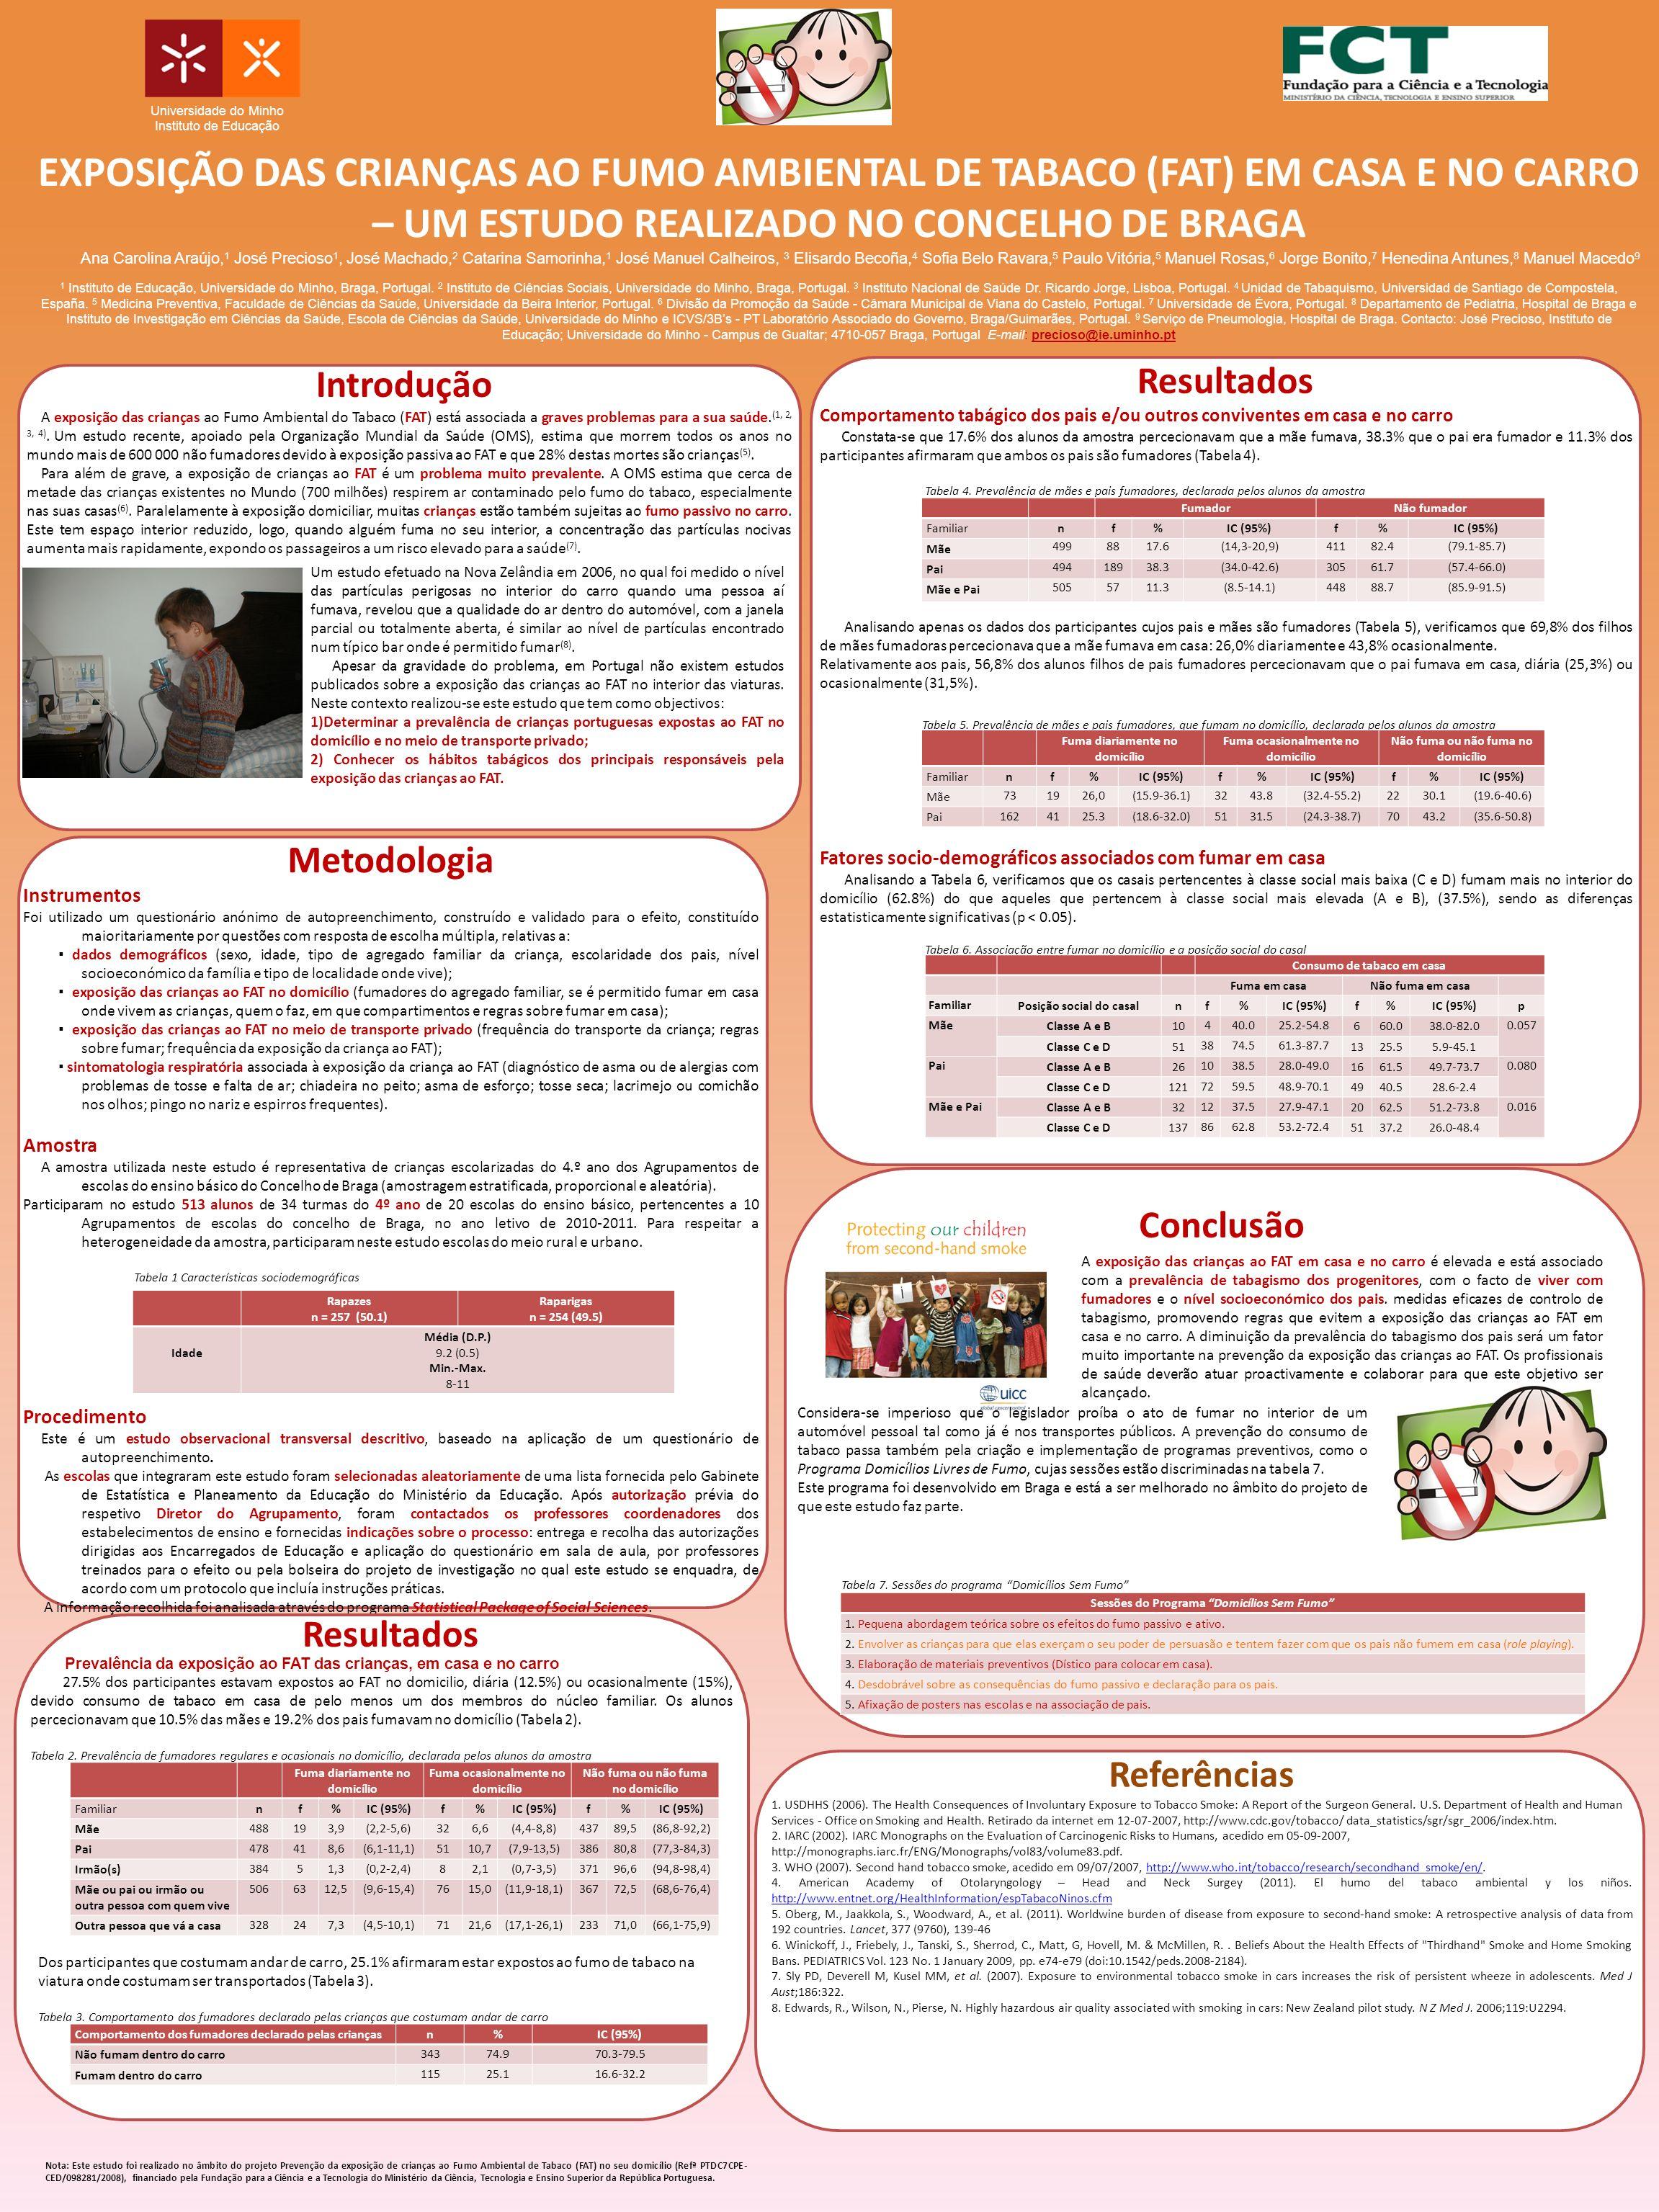 EXPOSIÇÃO DAS CRIANÇAS AO FUMO AMBIENTAL DE TABACO (FAT) EM CASA E NO CARRO – UM ESTUDO REALIZADO NO CONCELHO DE BRAGA